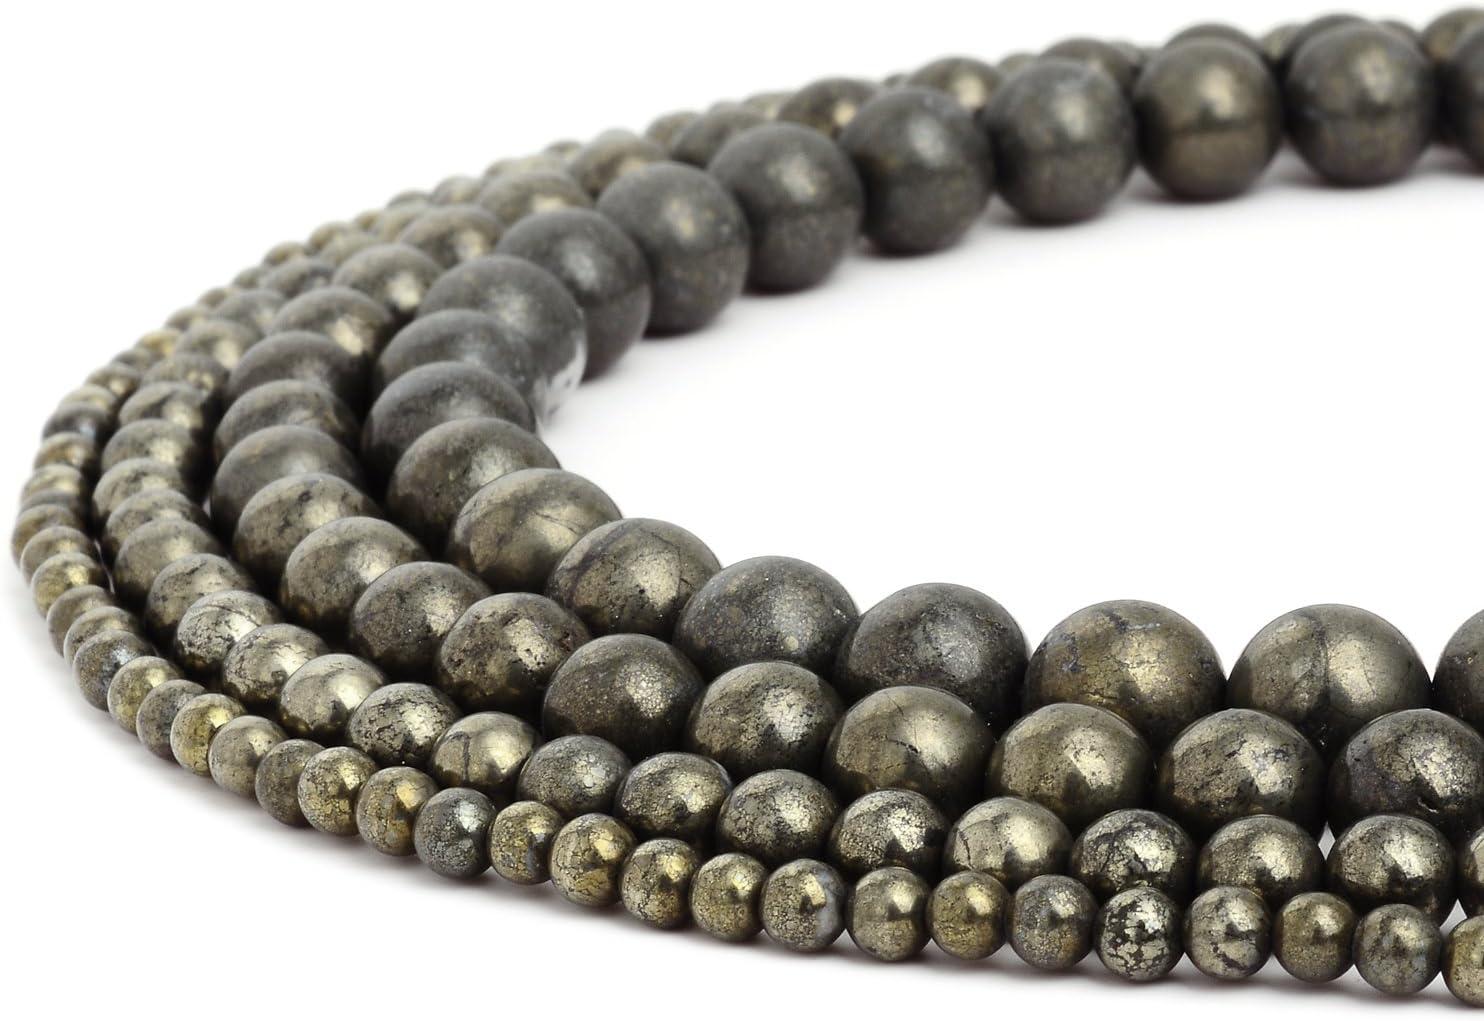 Rubyca - Cuentas redondas sueltas de piedras preciosas naturales para hacer joyas artesanales, 1 hebra